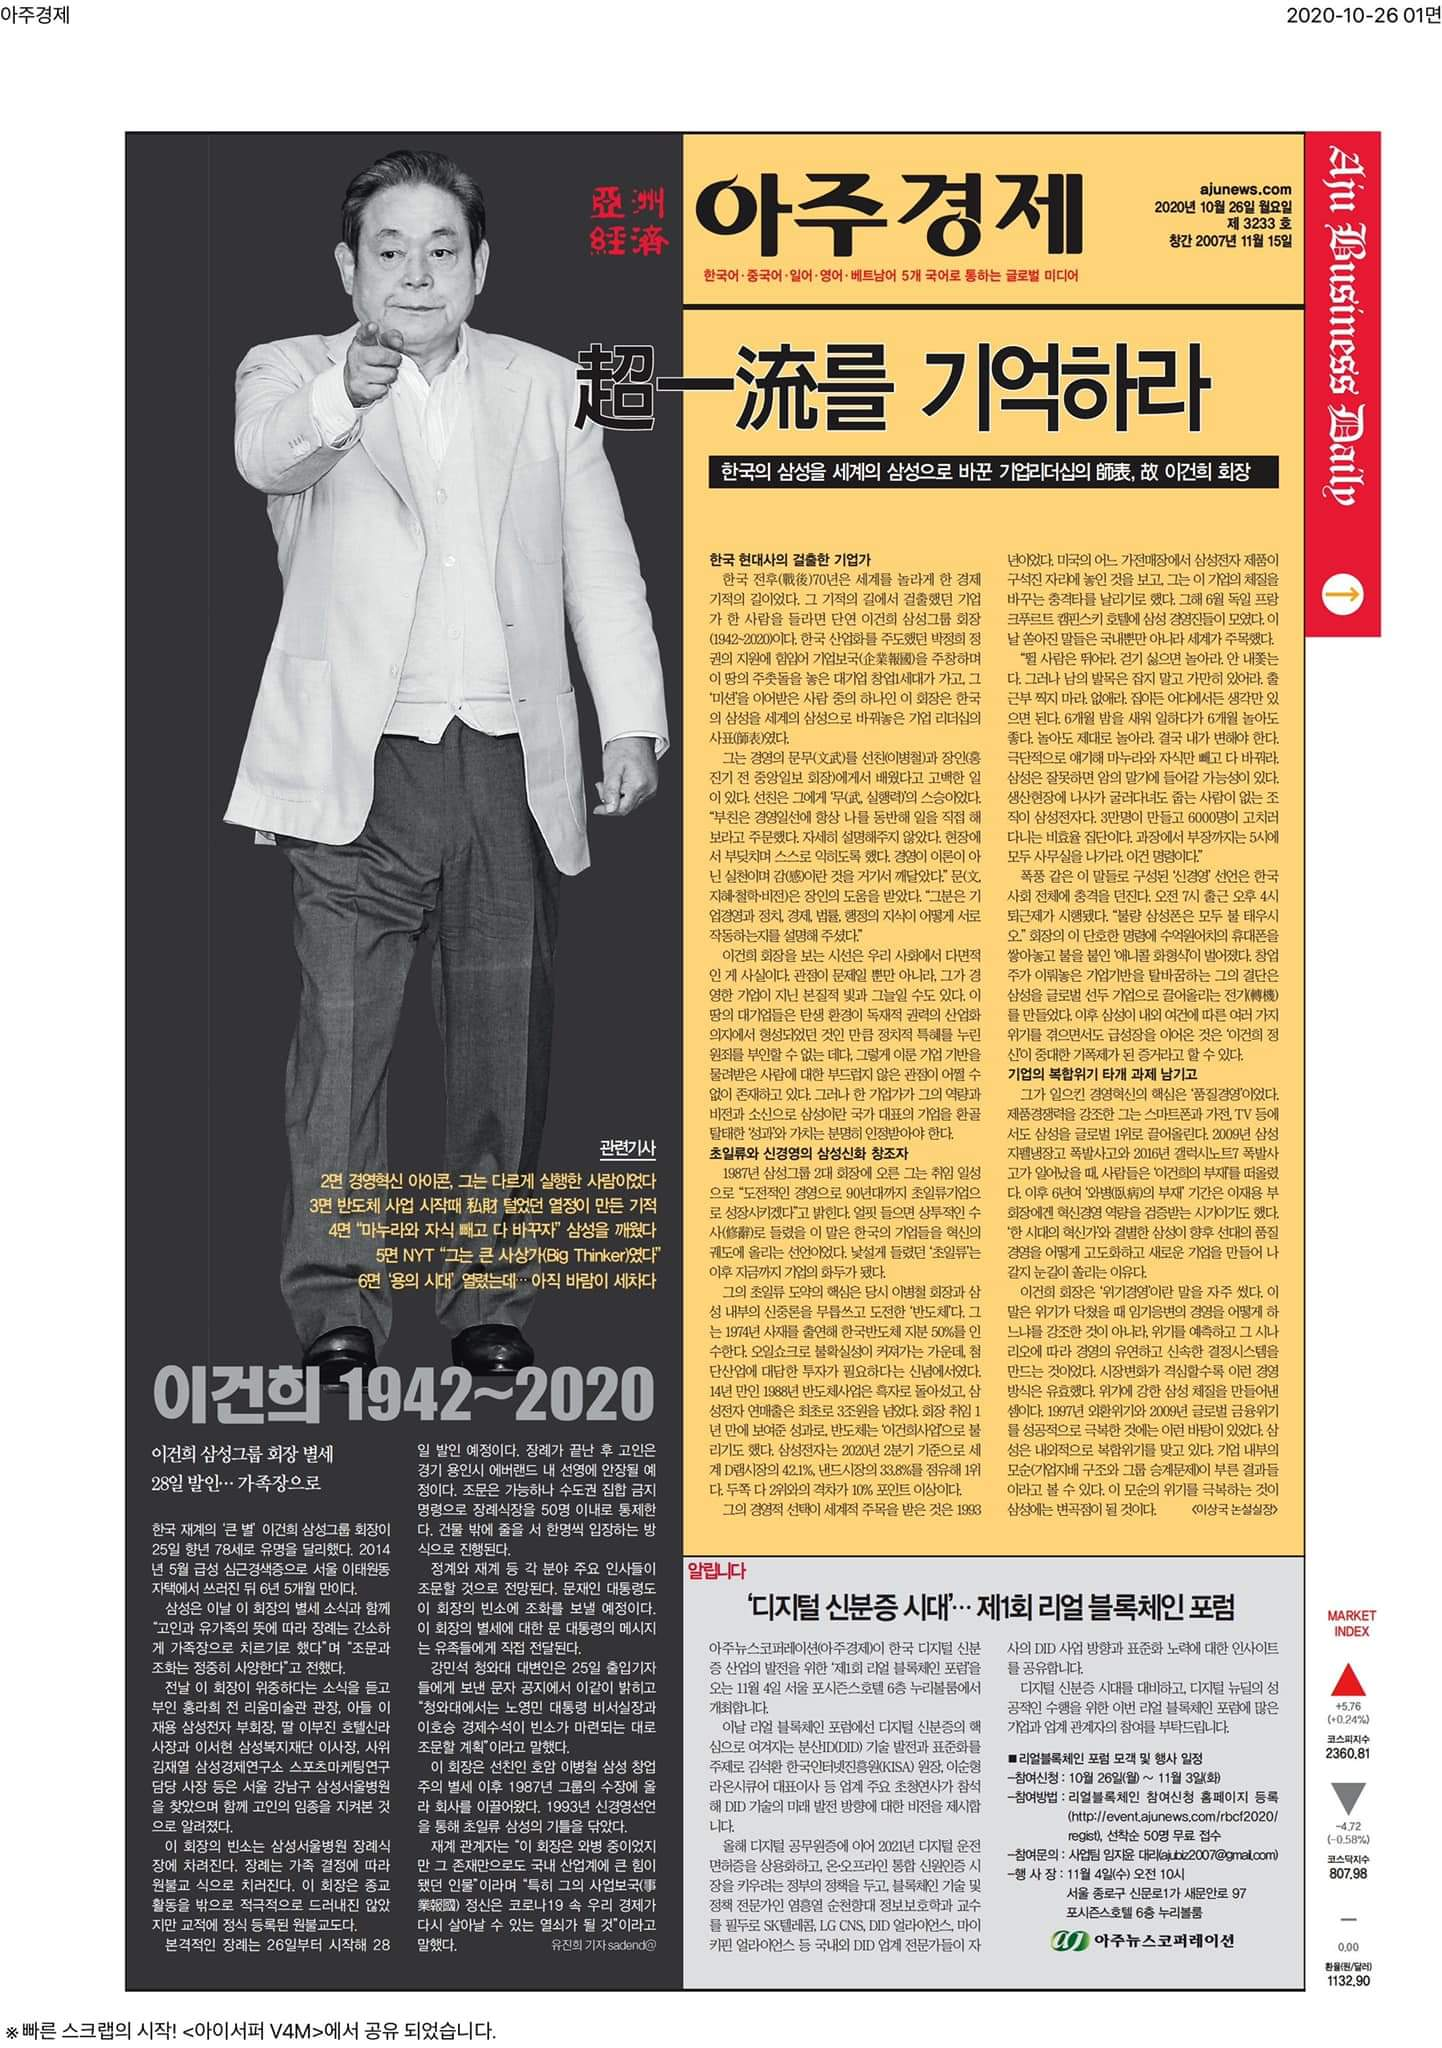 [기록용] 이건희 회장 별세 후 한국 언론 일면 풍경 2